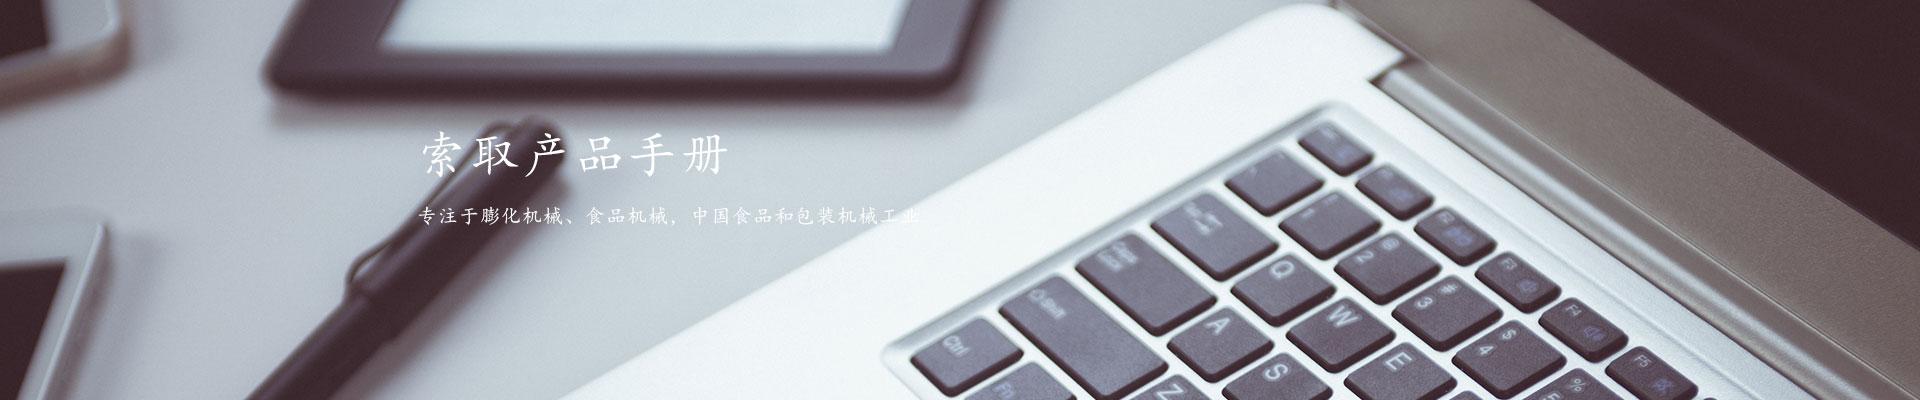 关于米乐网官网